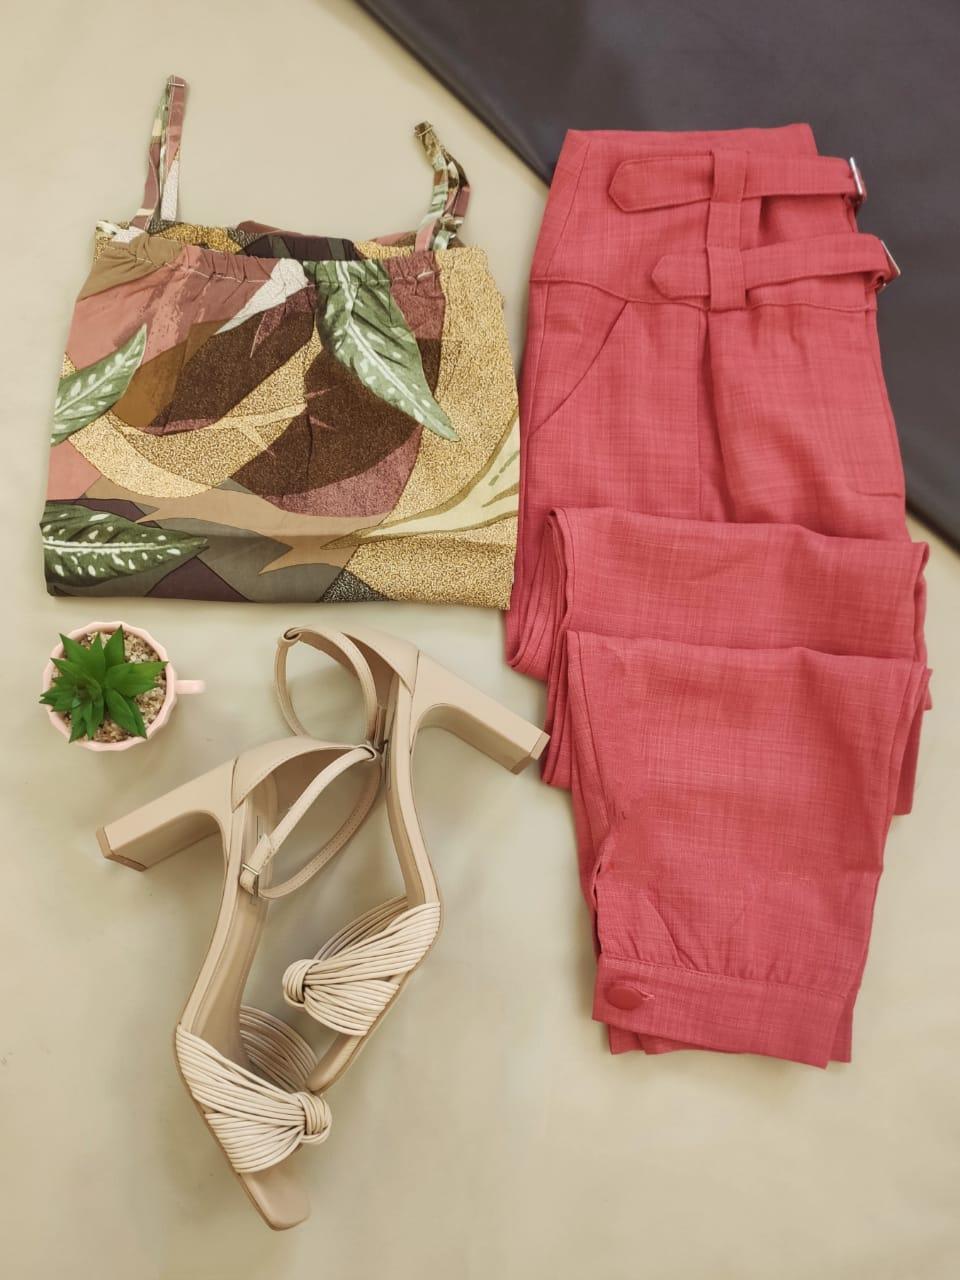 Blusa Ciganinha Manga 3/4 Estampada Rosa + Calça Skinny Detalhe Fivelas Frontais Rosa